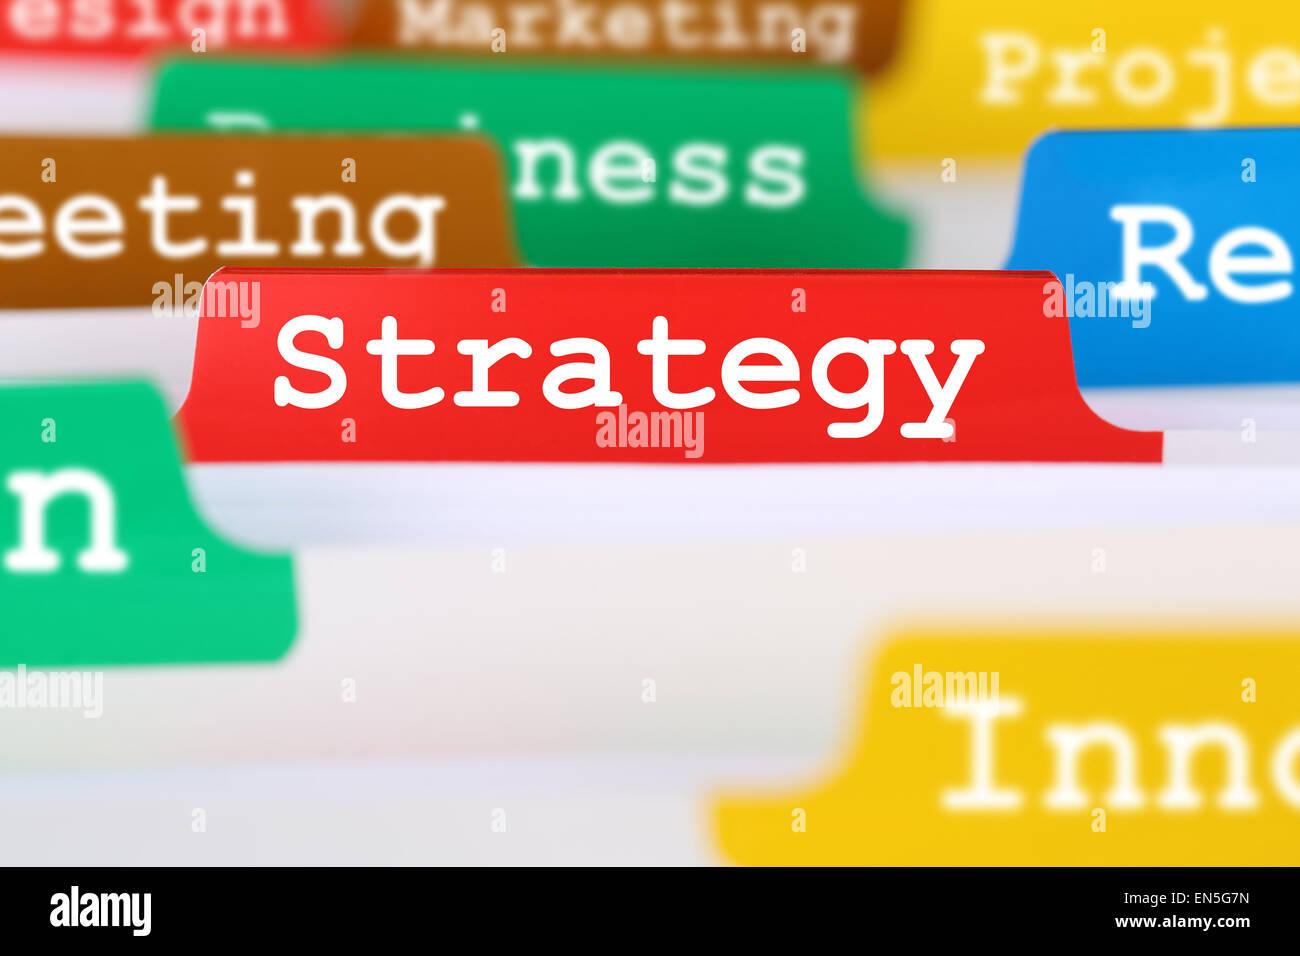 Erfolgreiche Strategie und Entwicklung eines Unternehmens auf Register in Business-Dienstleistungen-Dokumente Stockbild